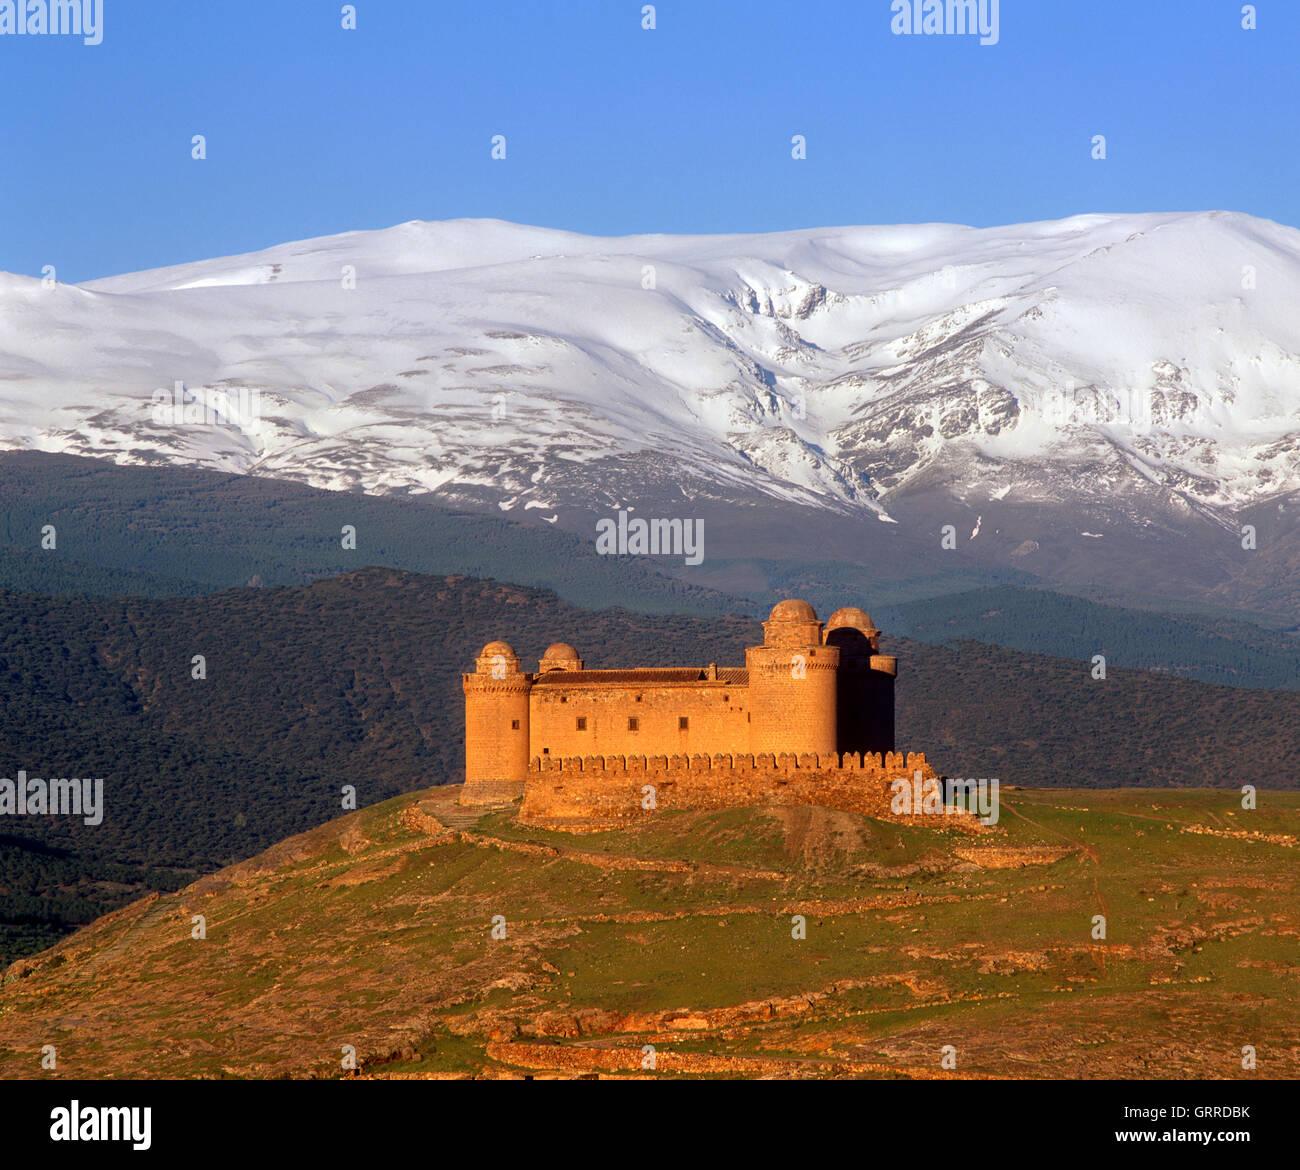 Schloss La Calahorra und der Schnee bedeckt Sierra Nevada Berge, Provinz Granada, Andalusien, Spanien Stockbild